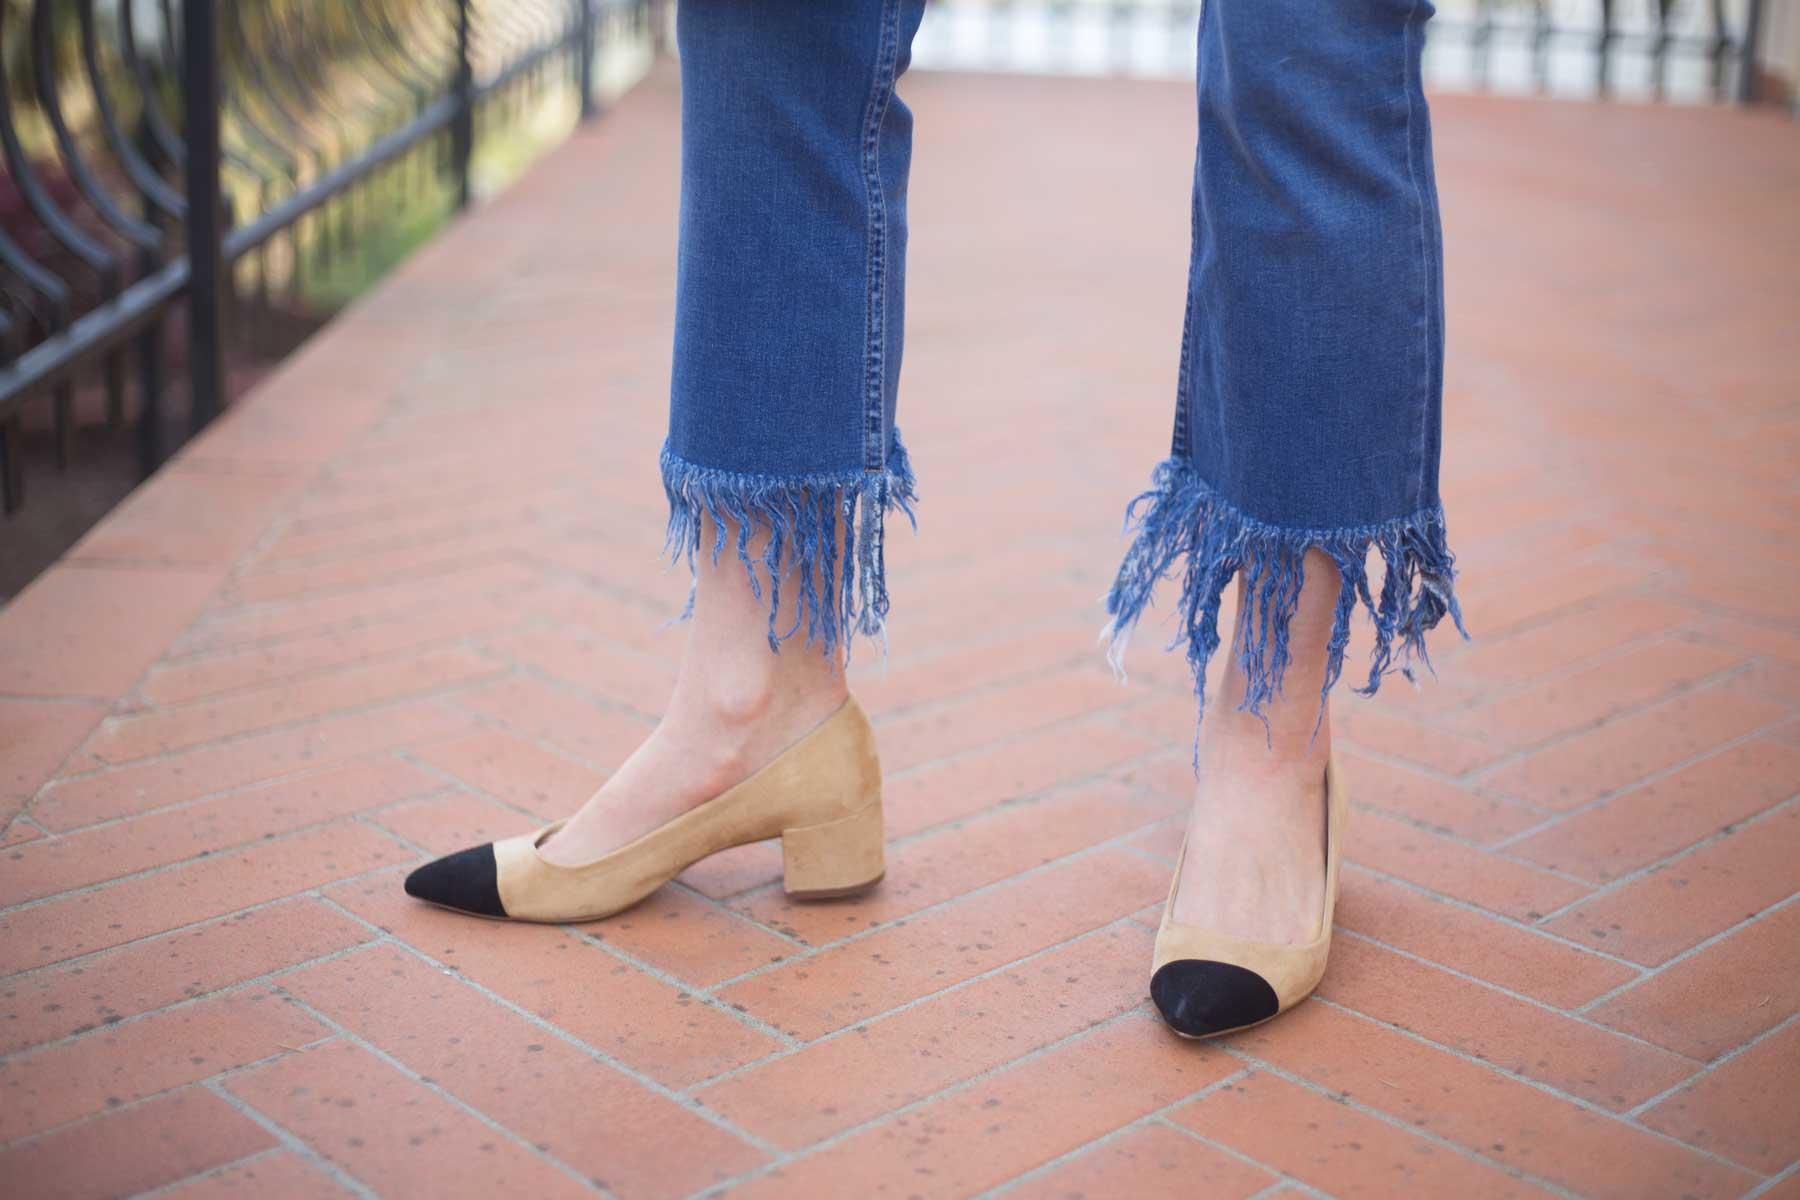 scarpe modello chanel low cost